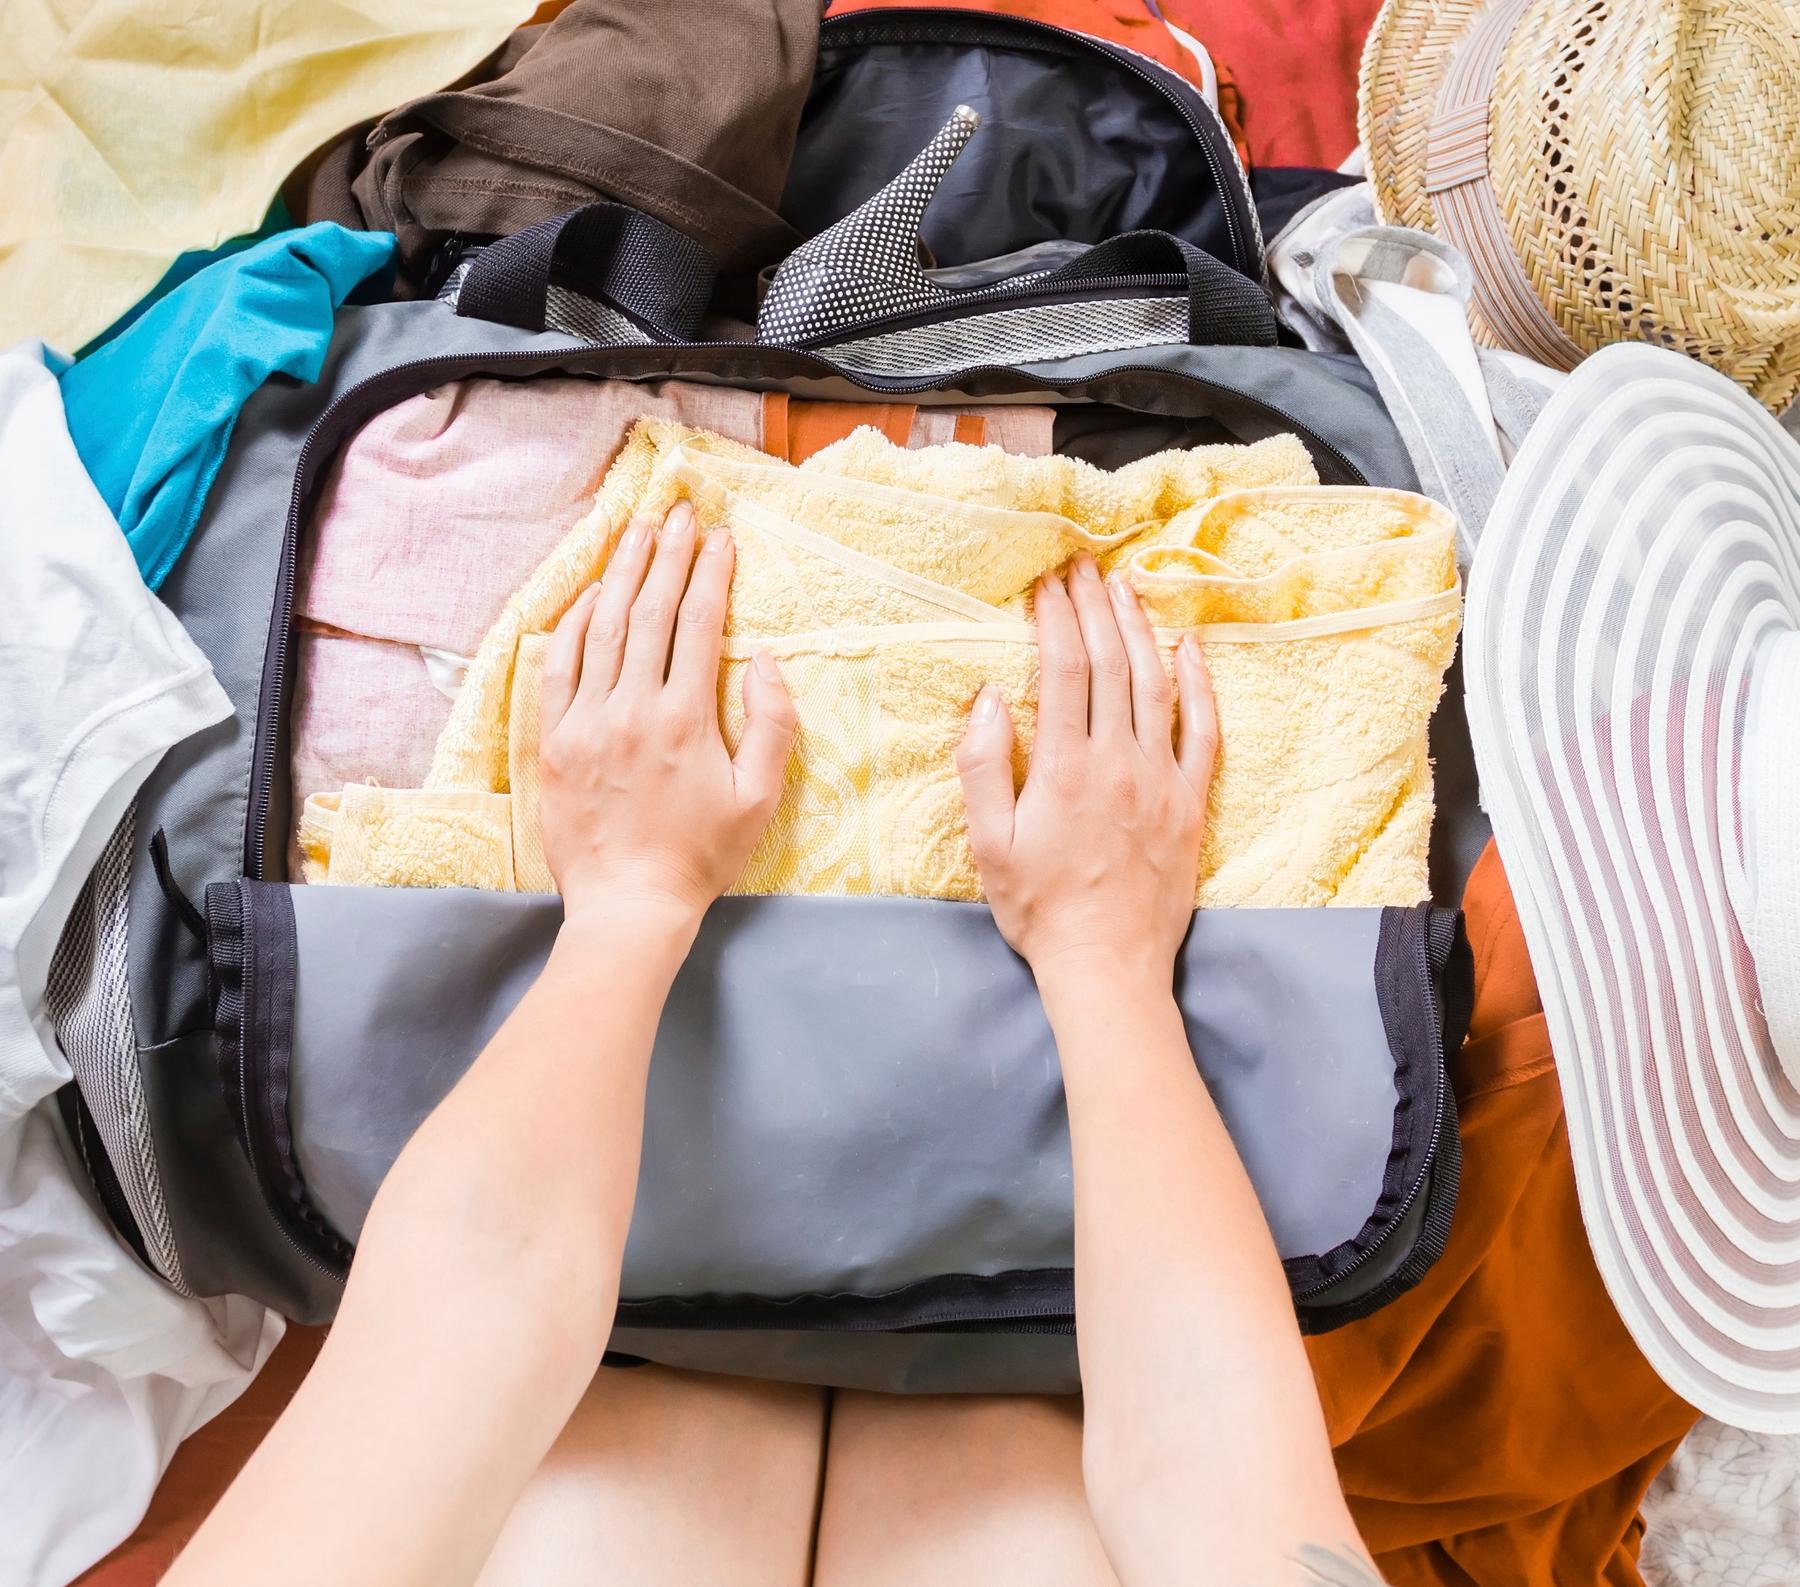 Pessoa montando sua bagagem de mão para a viagem.